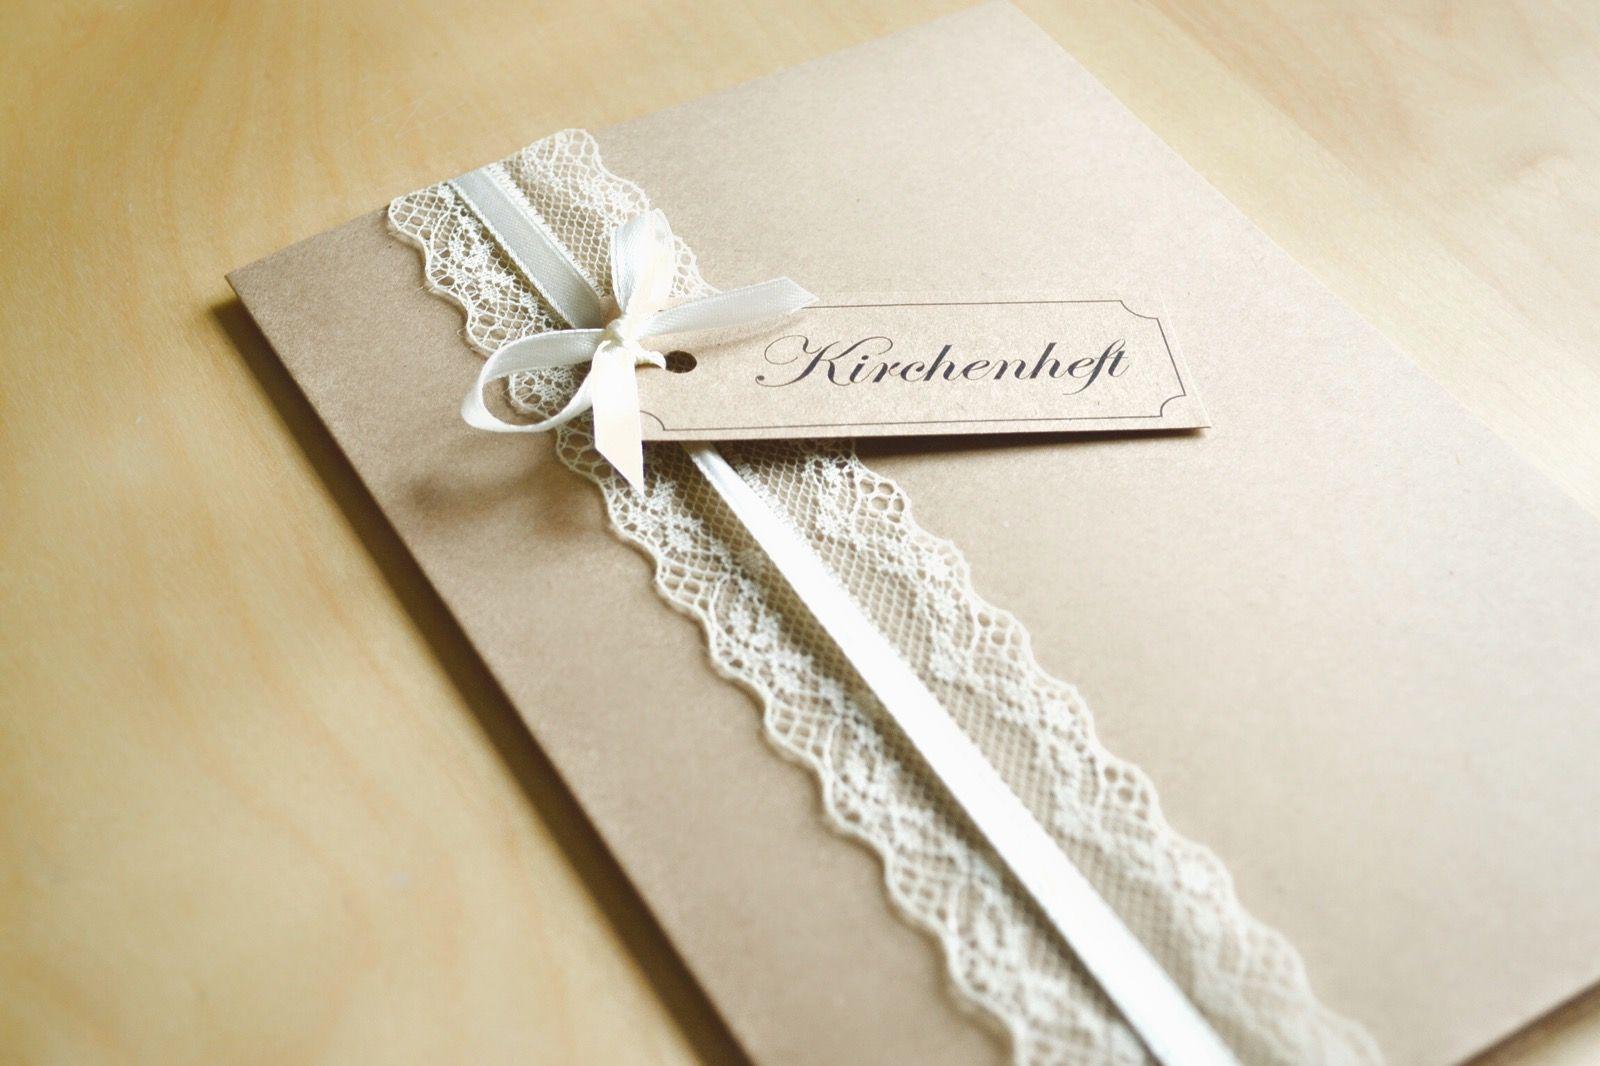 Kirchenhefte Etsy Kirchenheft Hochzeit Einladungskarten Hochzeit Einladungen Hochzeit